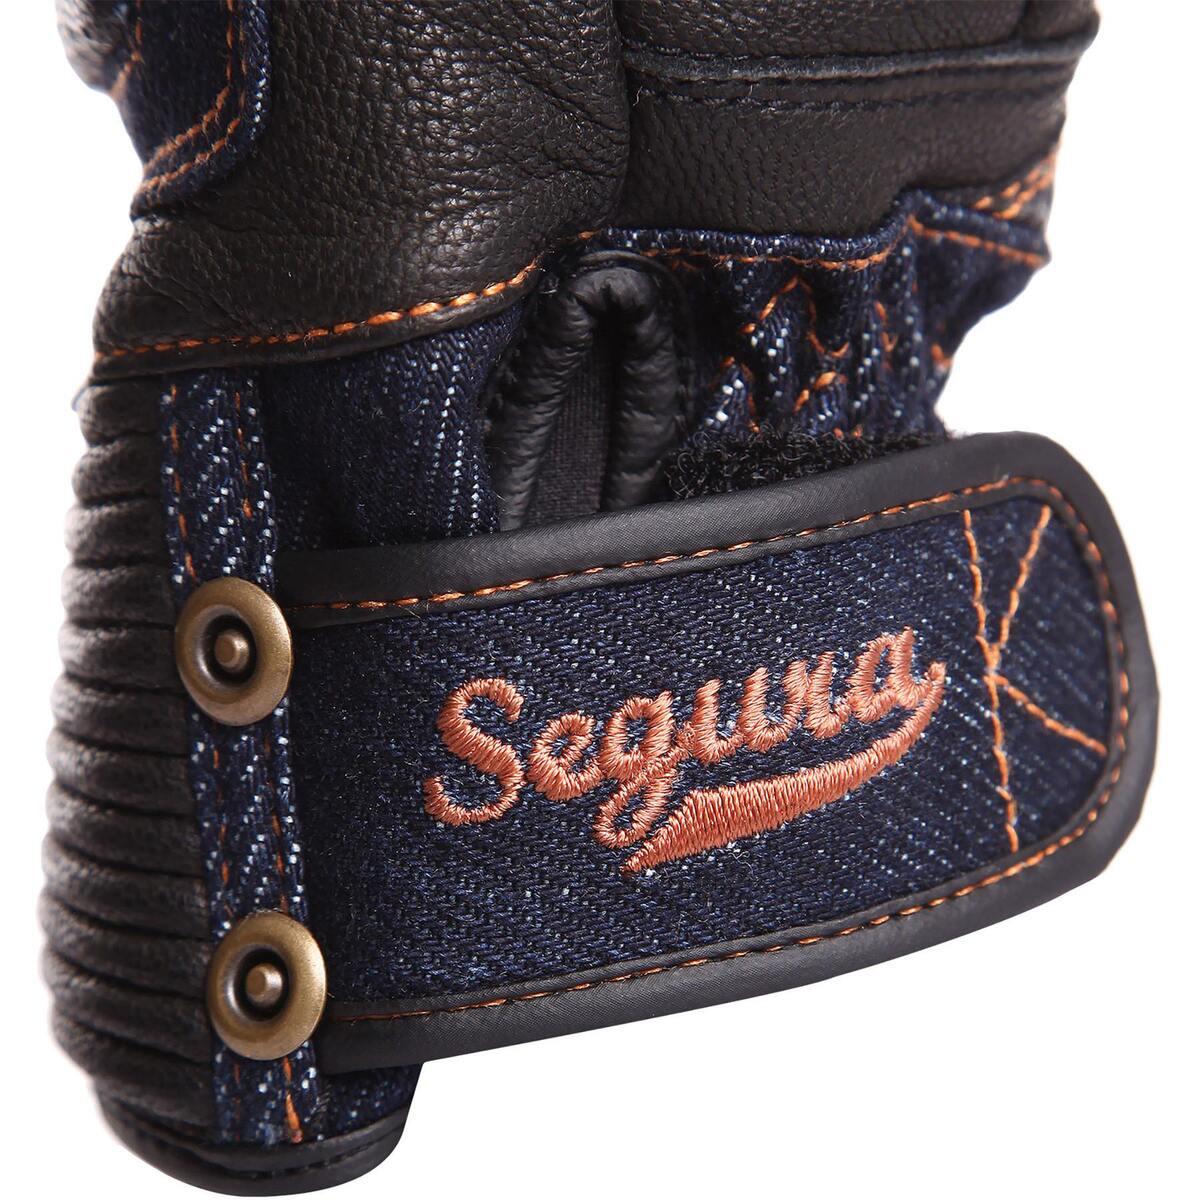 Bild 3 von Segura Splinter Handschuhe